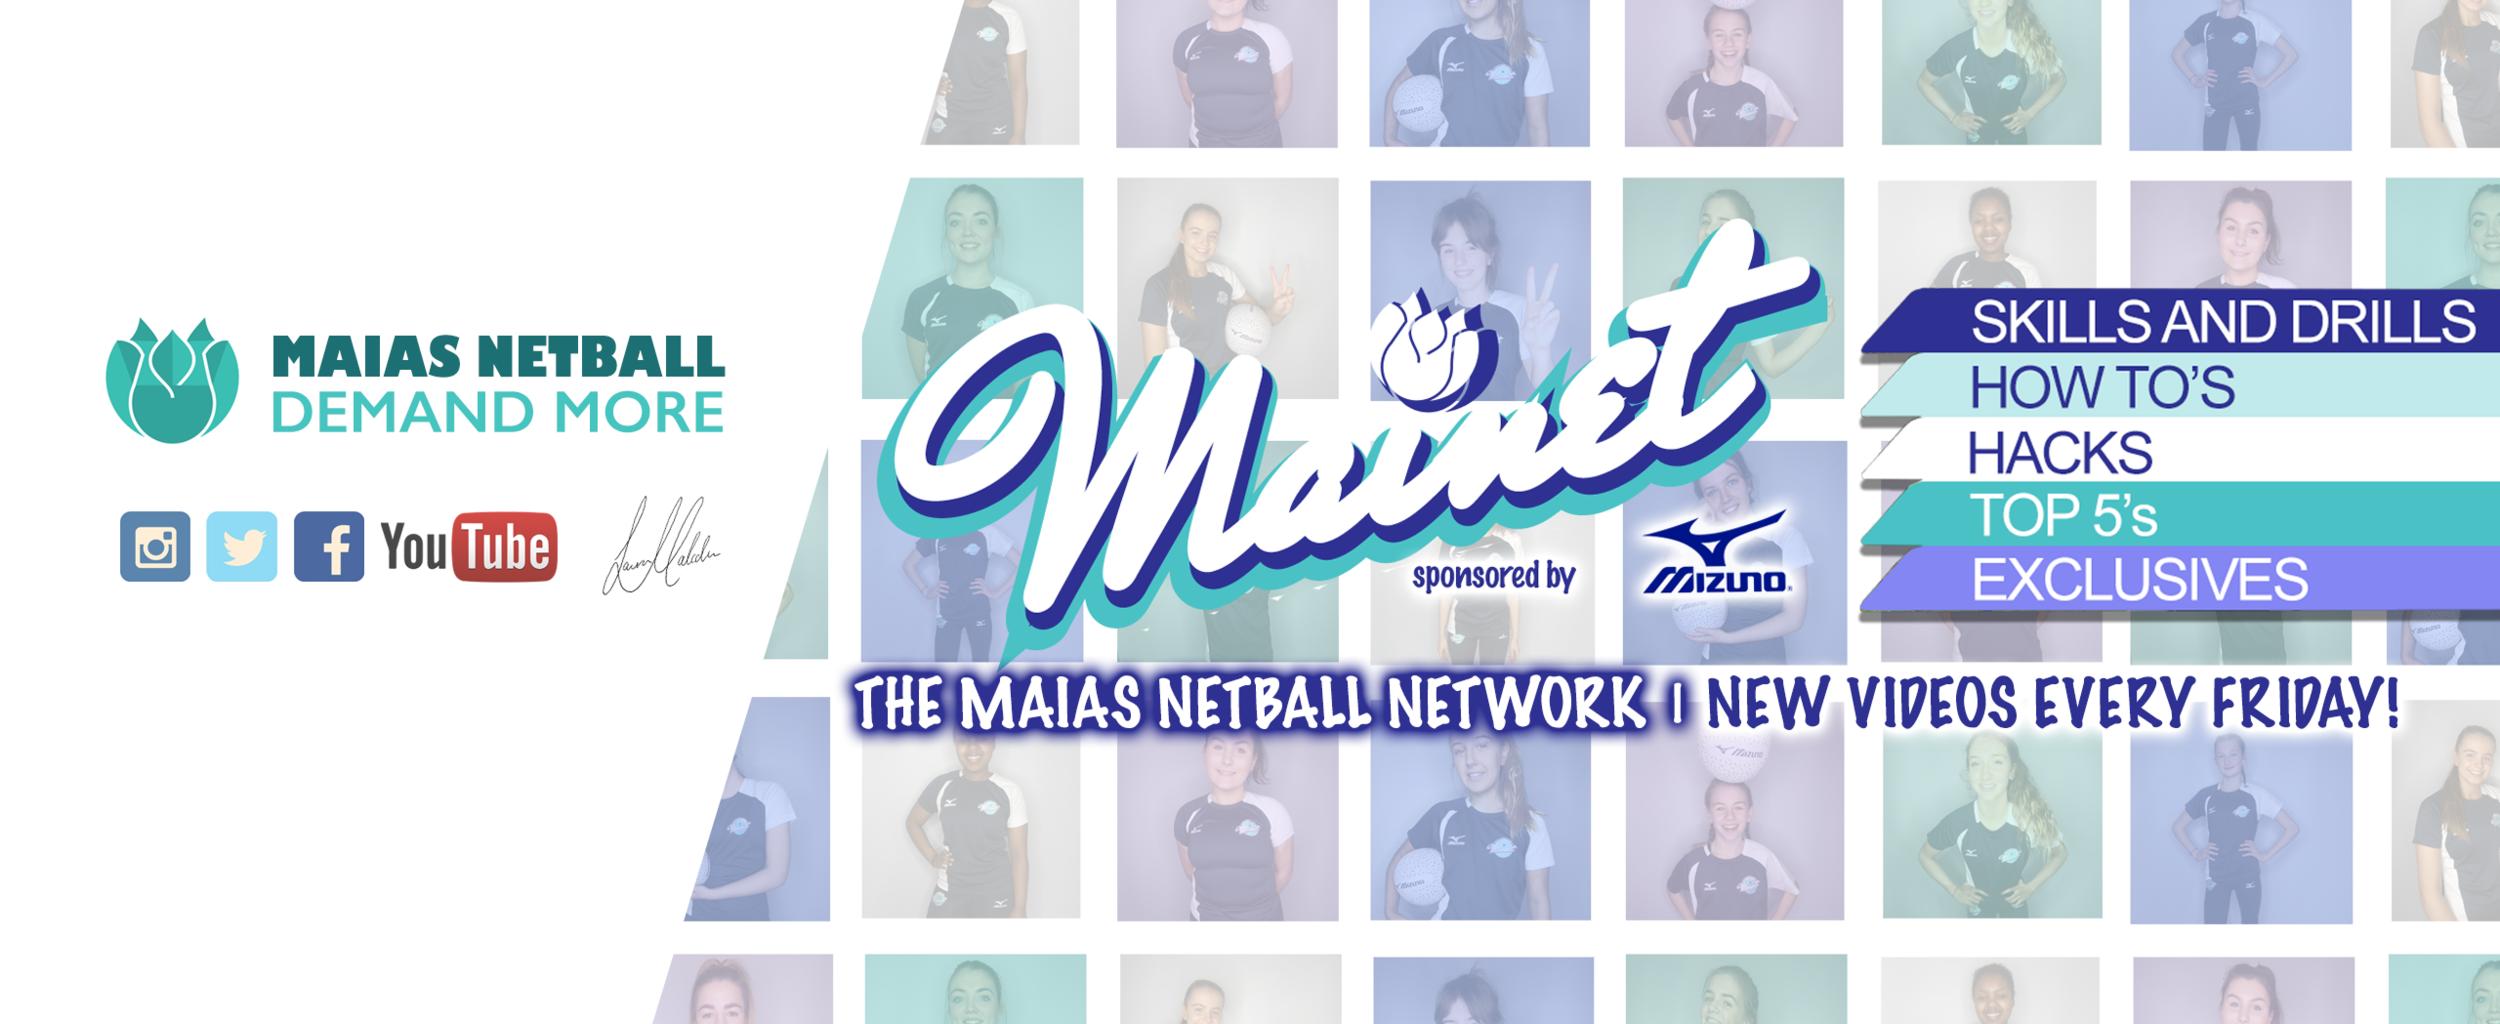 Mizuno Netball supporting Maias Netball & The Maias Netball Network (Mainet)